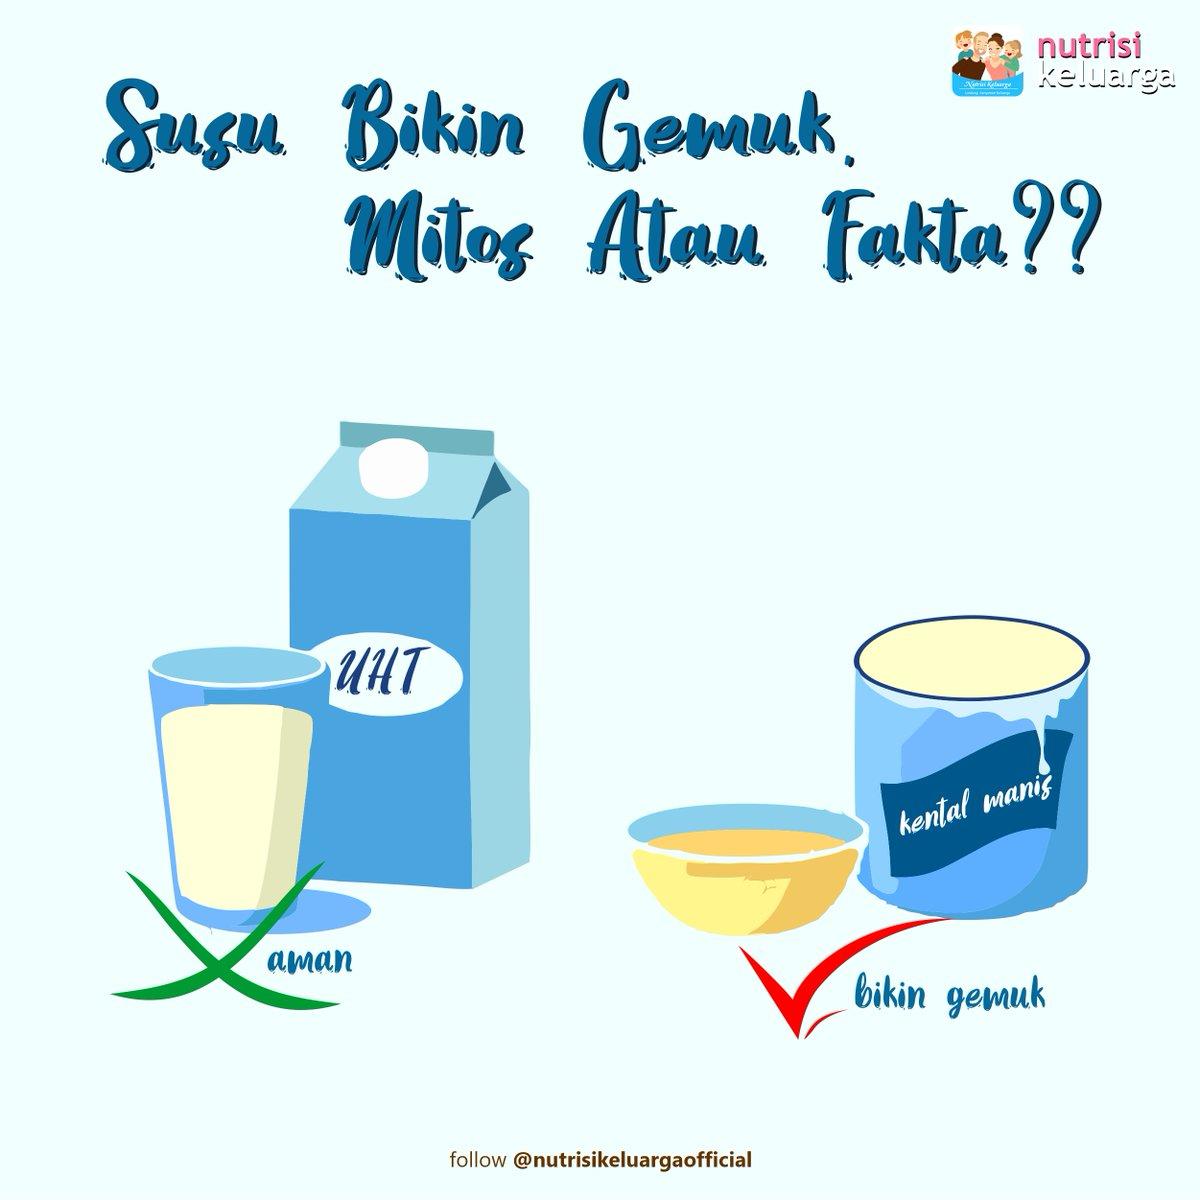 Penting untuk diingat, susu yang dimaksud di atas adalah susu yang memang untuk dikonsumsi sehari-hari seperti susu segar, UHT dan susu bubuk. Jadi bukan susu kental manis ya  #infokesehatan #kesehatan #nutrisikeluarga #parenting #nutrisianak PayPal Putusin pic.twitter.com/LVIMAbIQoT